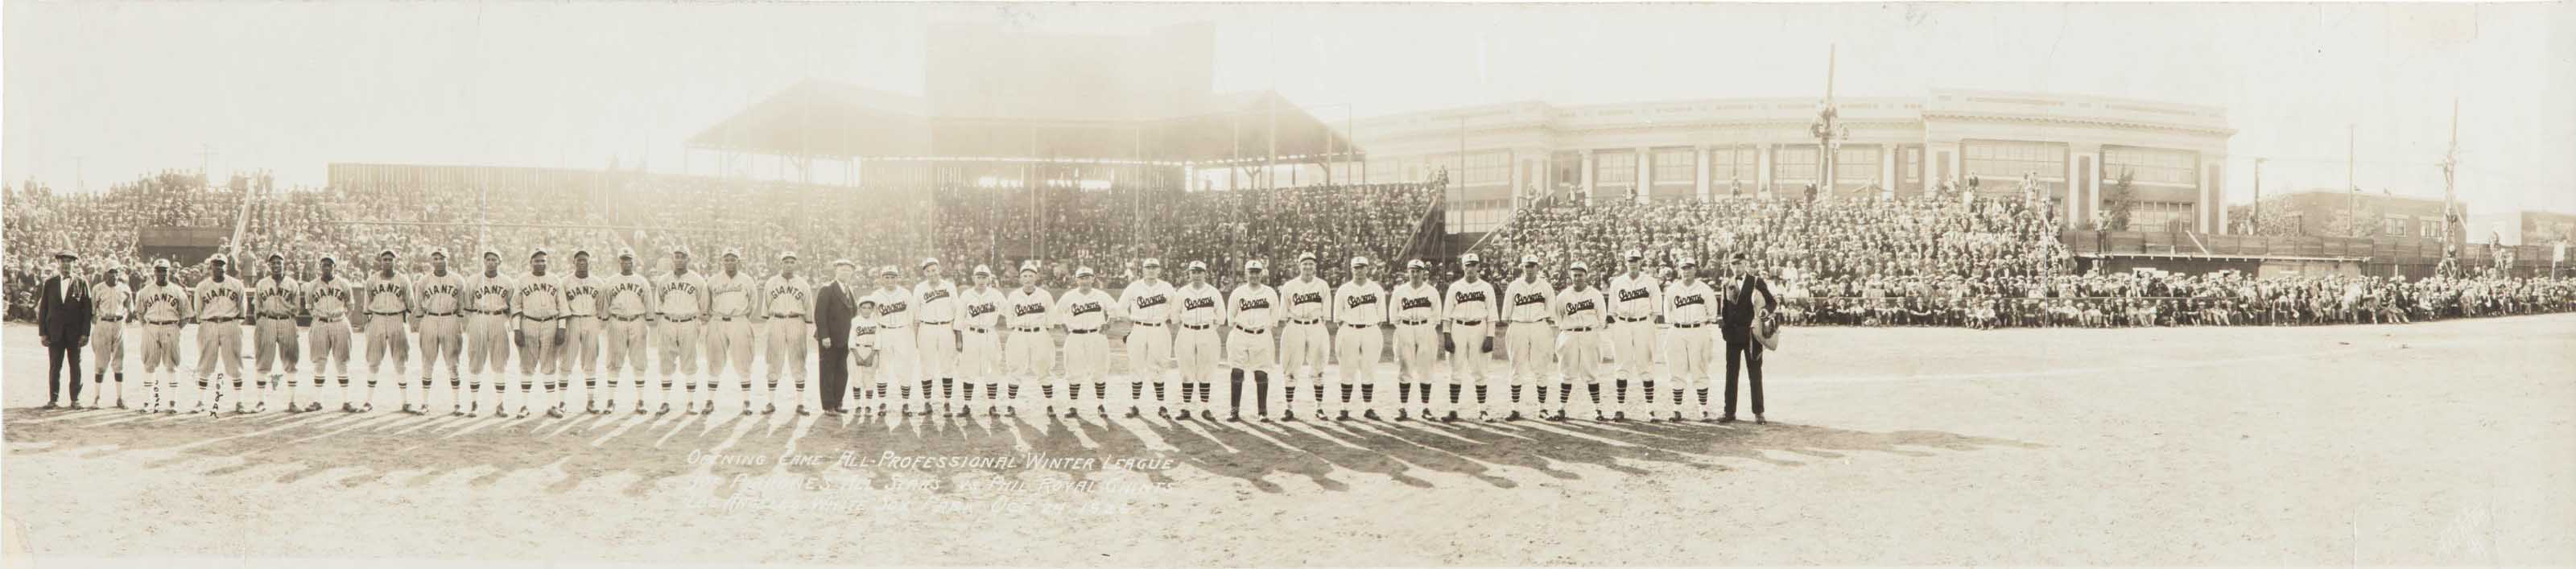 1926 PHILADELPHIA ROYAL GIANTS